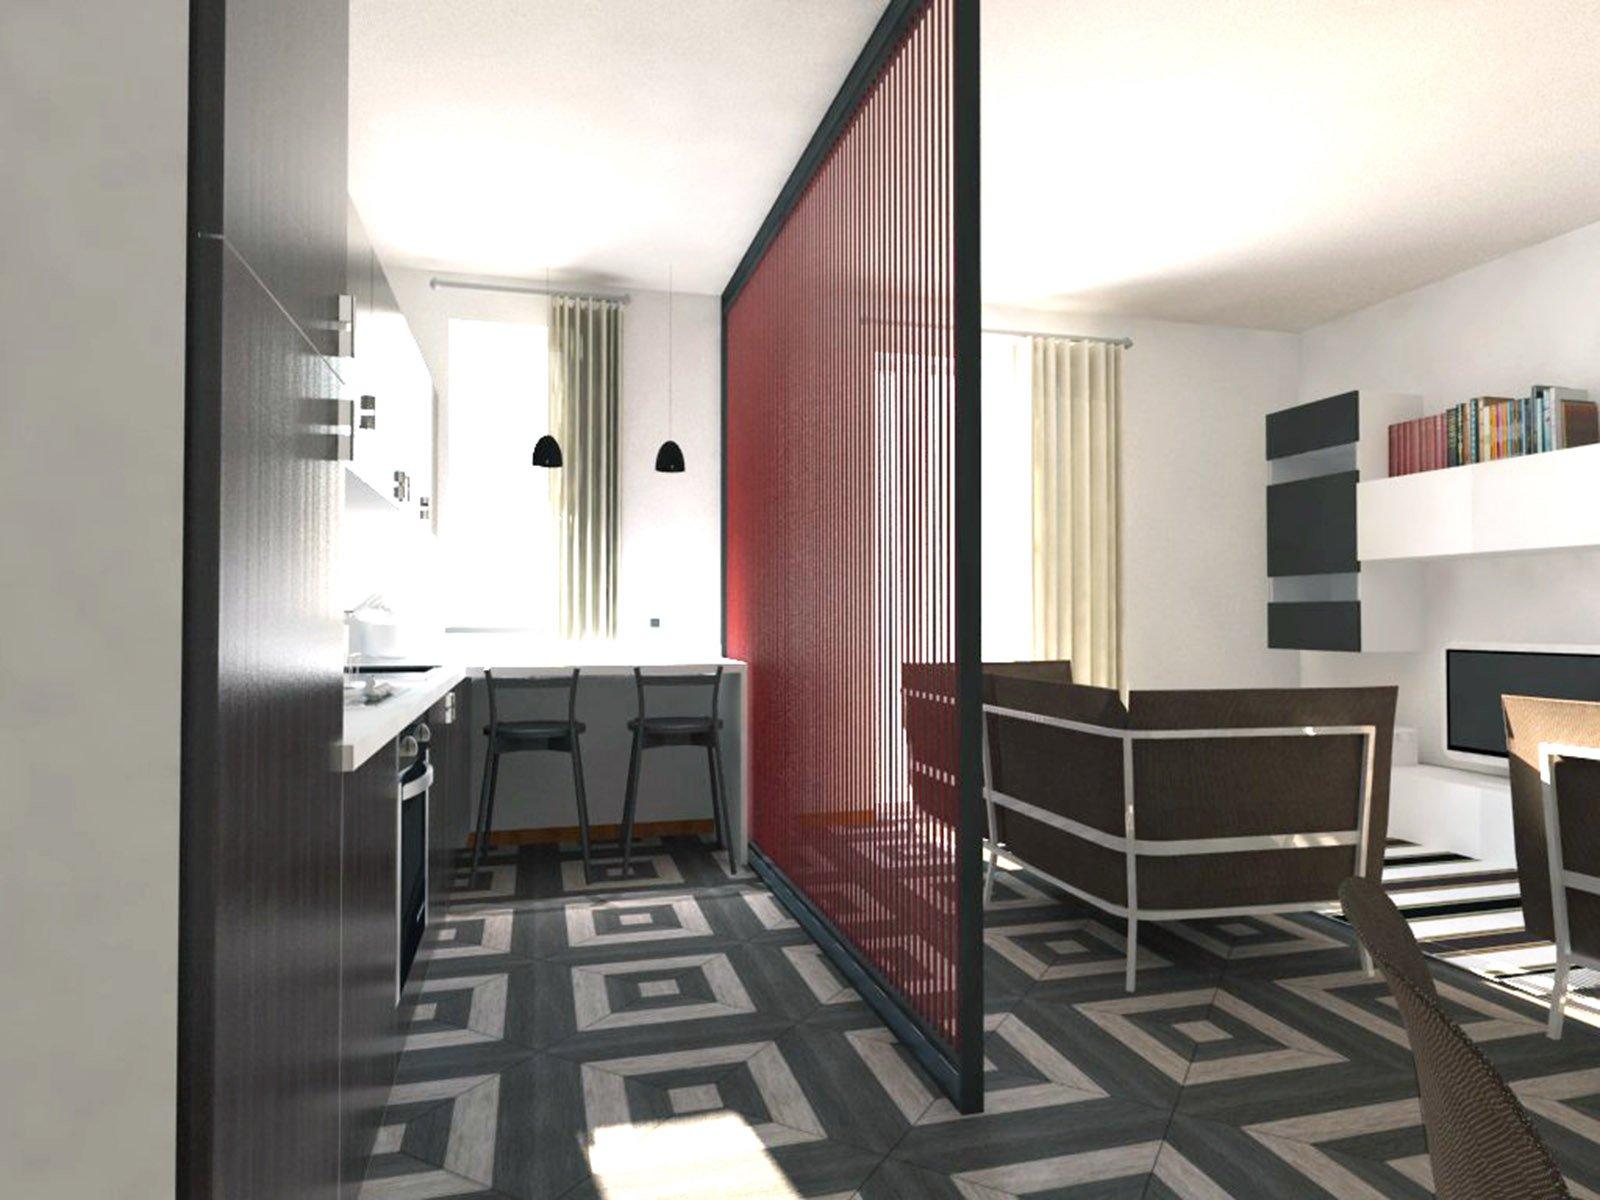 Soggiorno e cucina openspace progetto in pianta e in 3d for Foto di cucina e soggiorno a pianta aperta